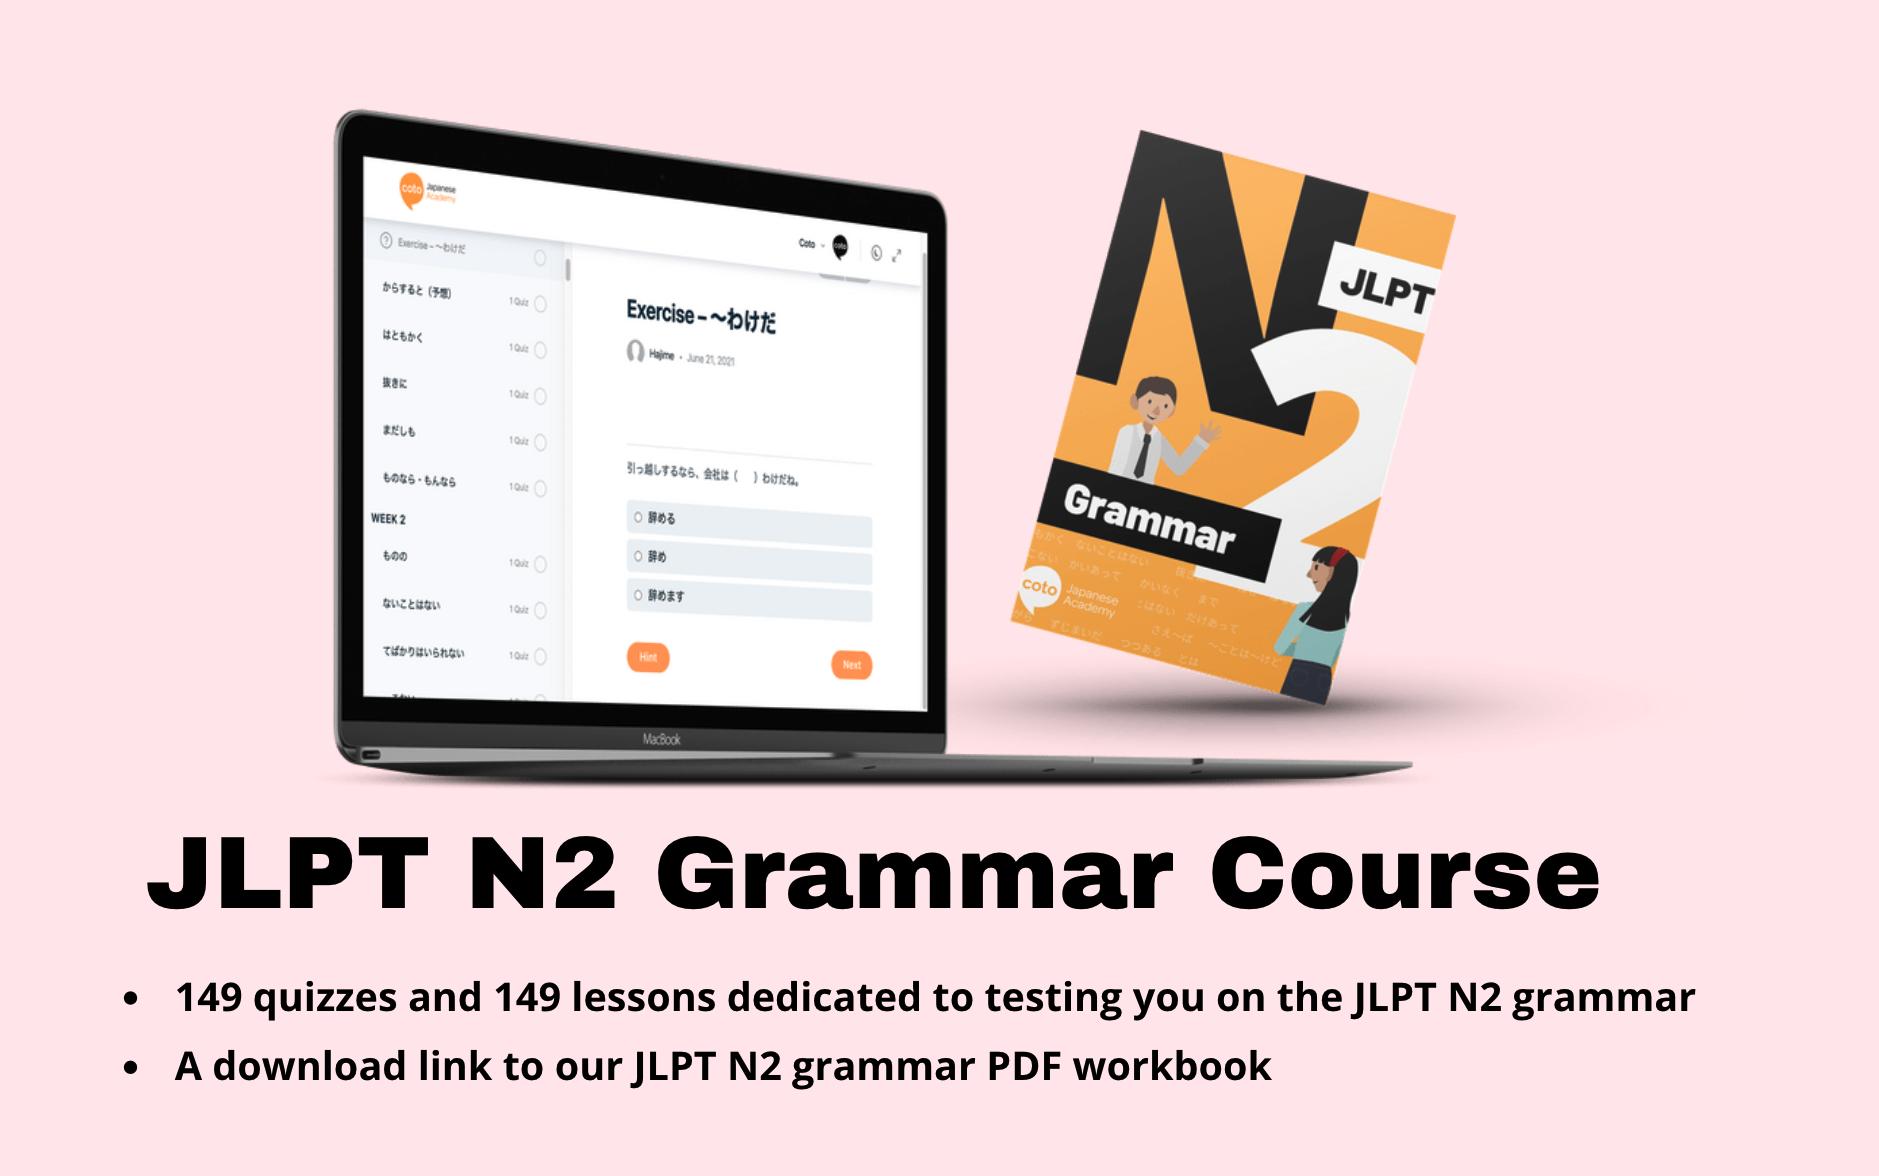 N2 Grammar